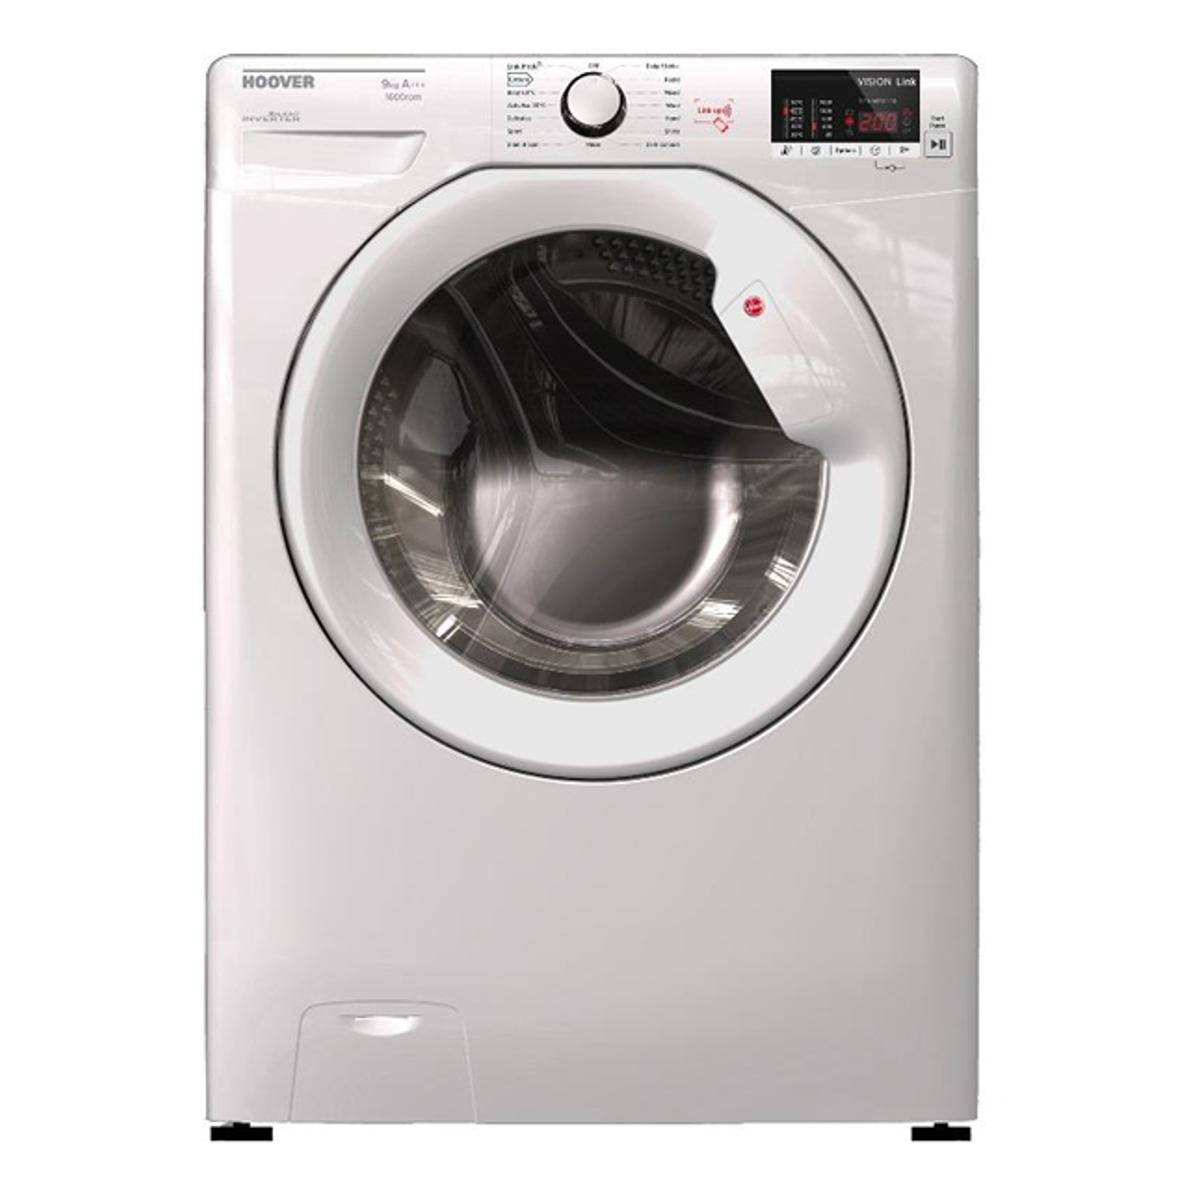 hoover hlw585dc 8kg wash 5kg dry load washer dryer hughes. Black Bedroom Furniture Sets. Home Design Ideas